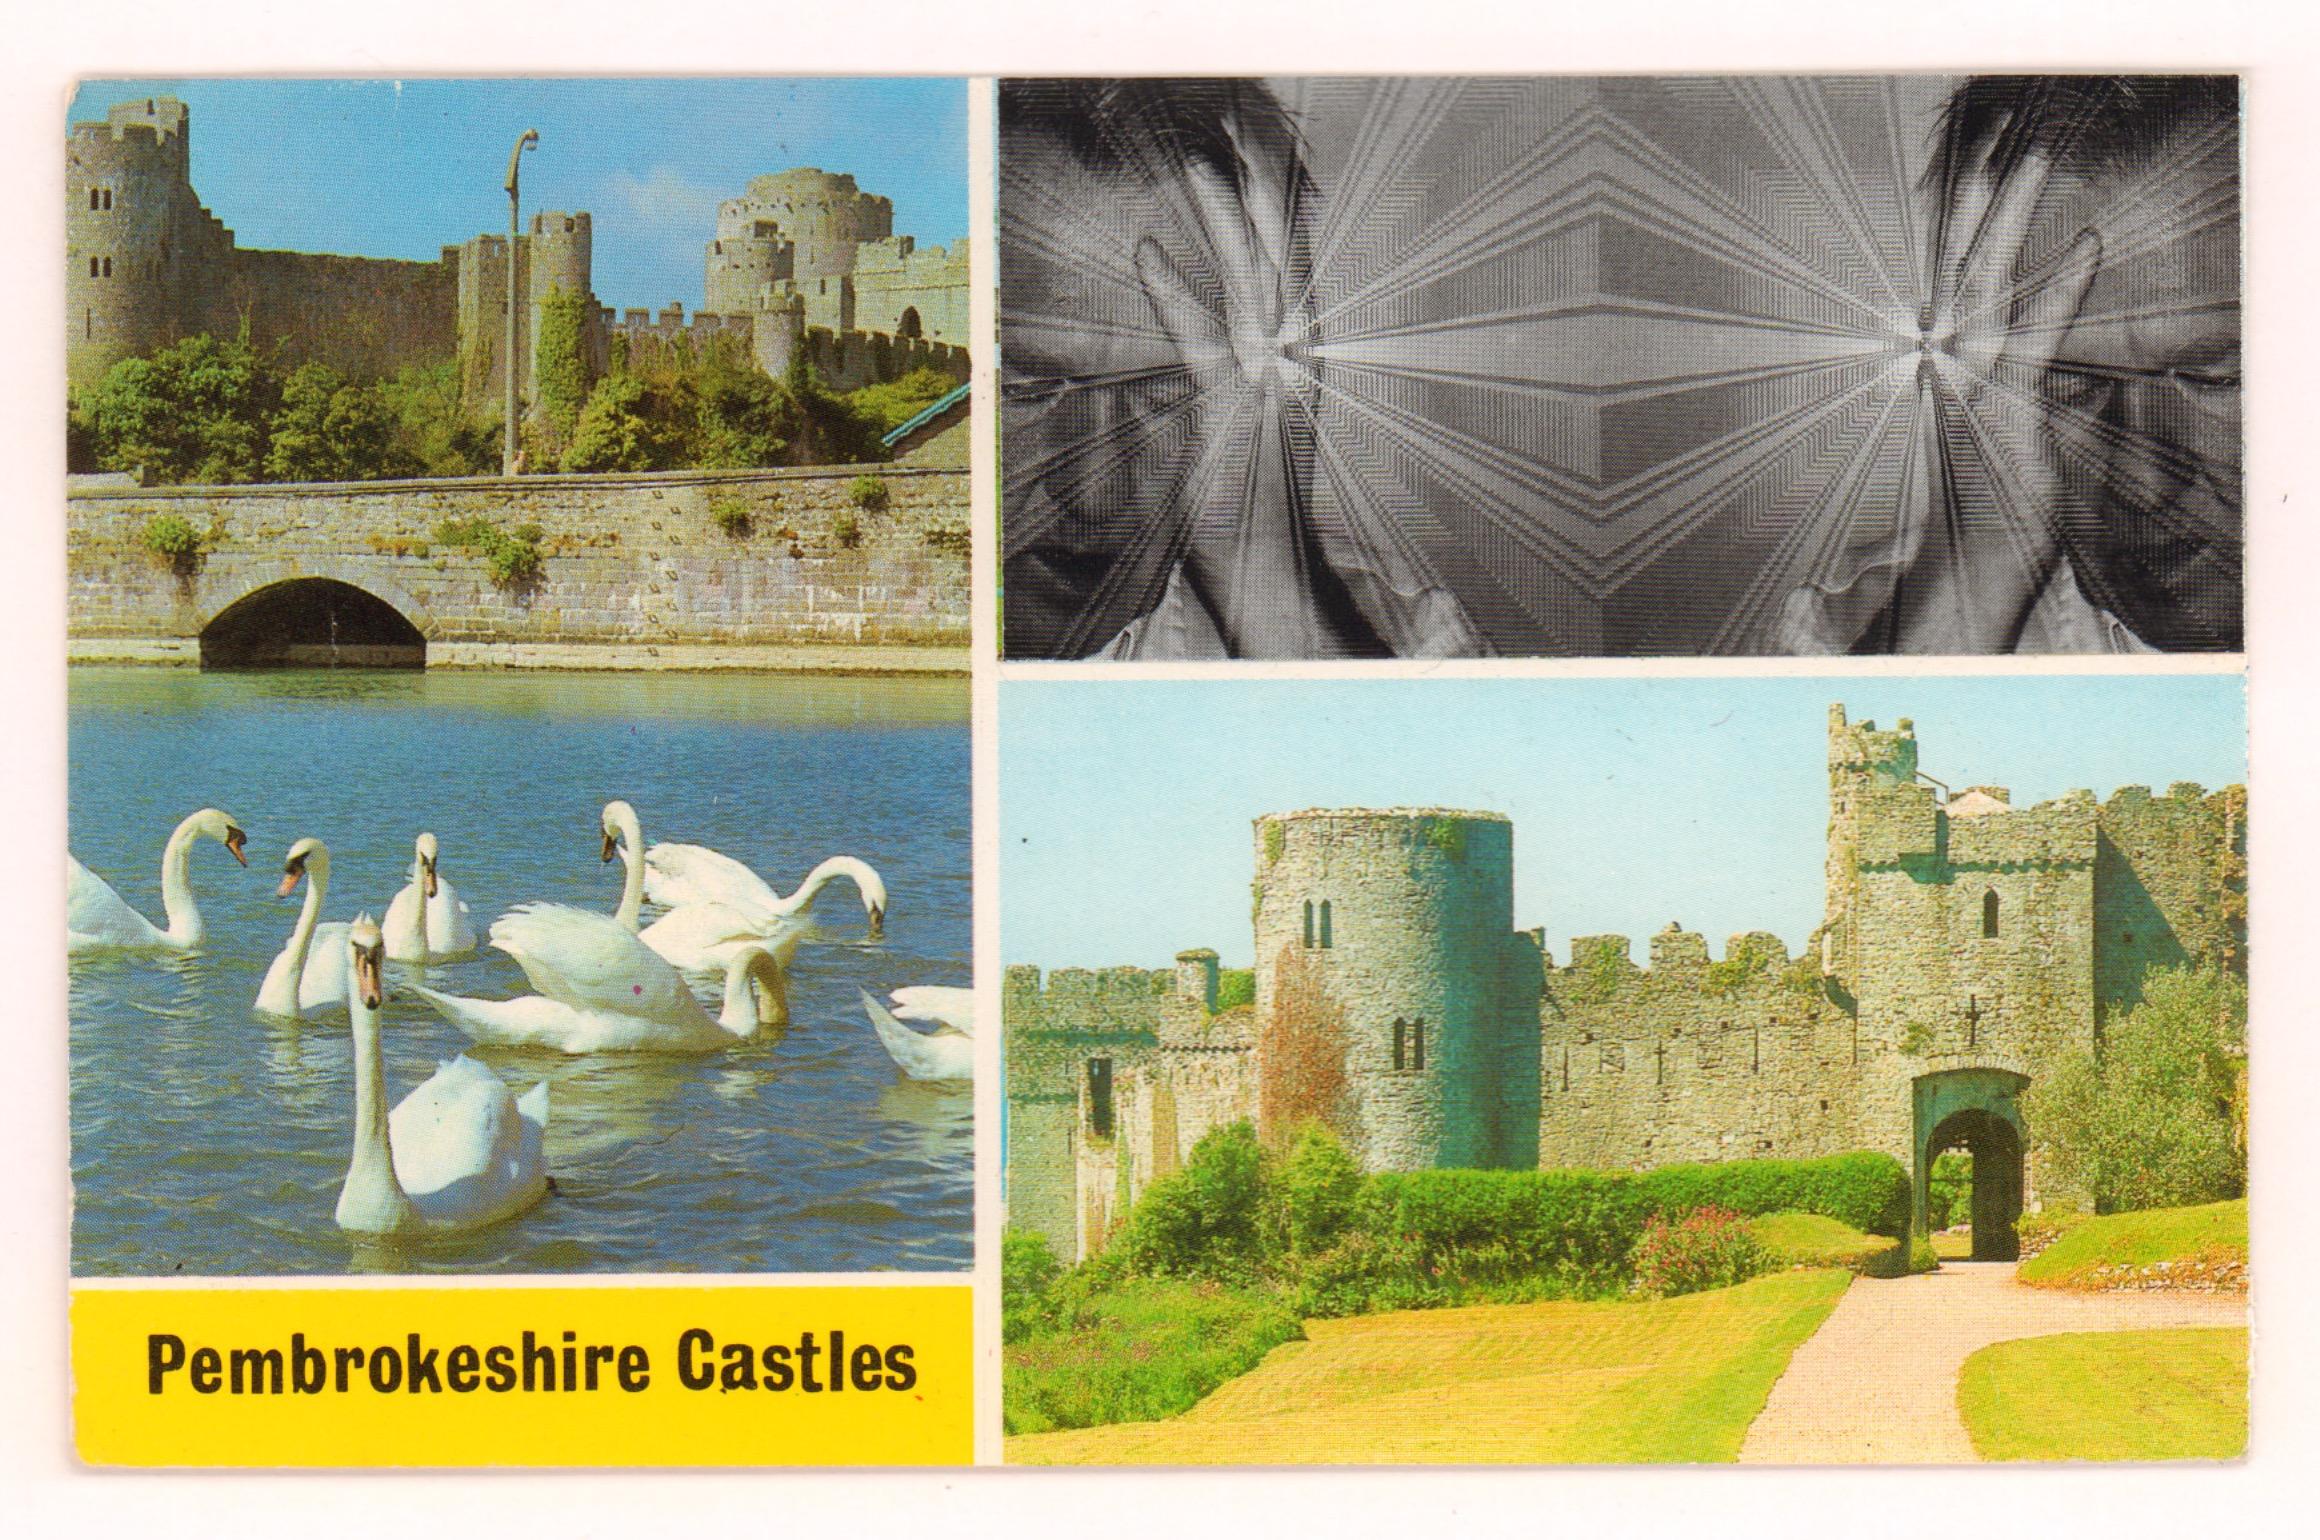 Pembrokeshire Castles